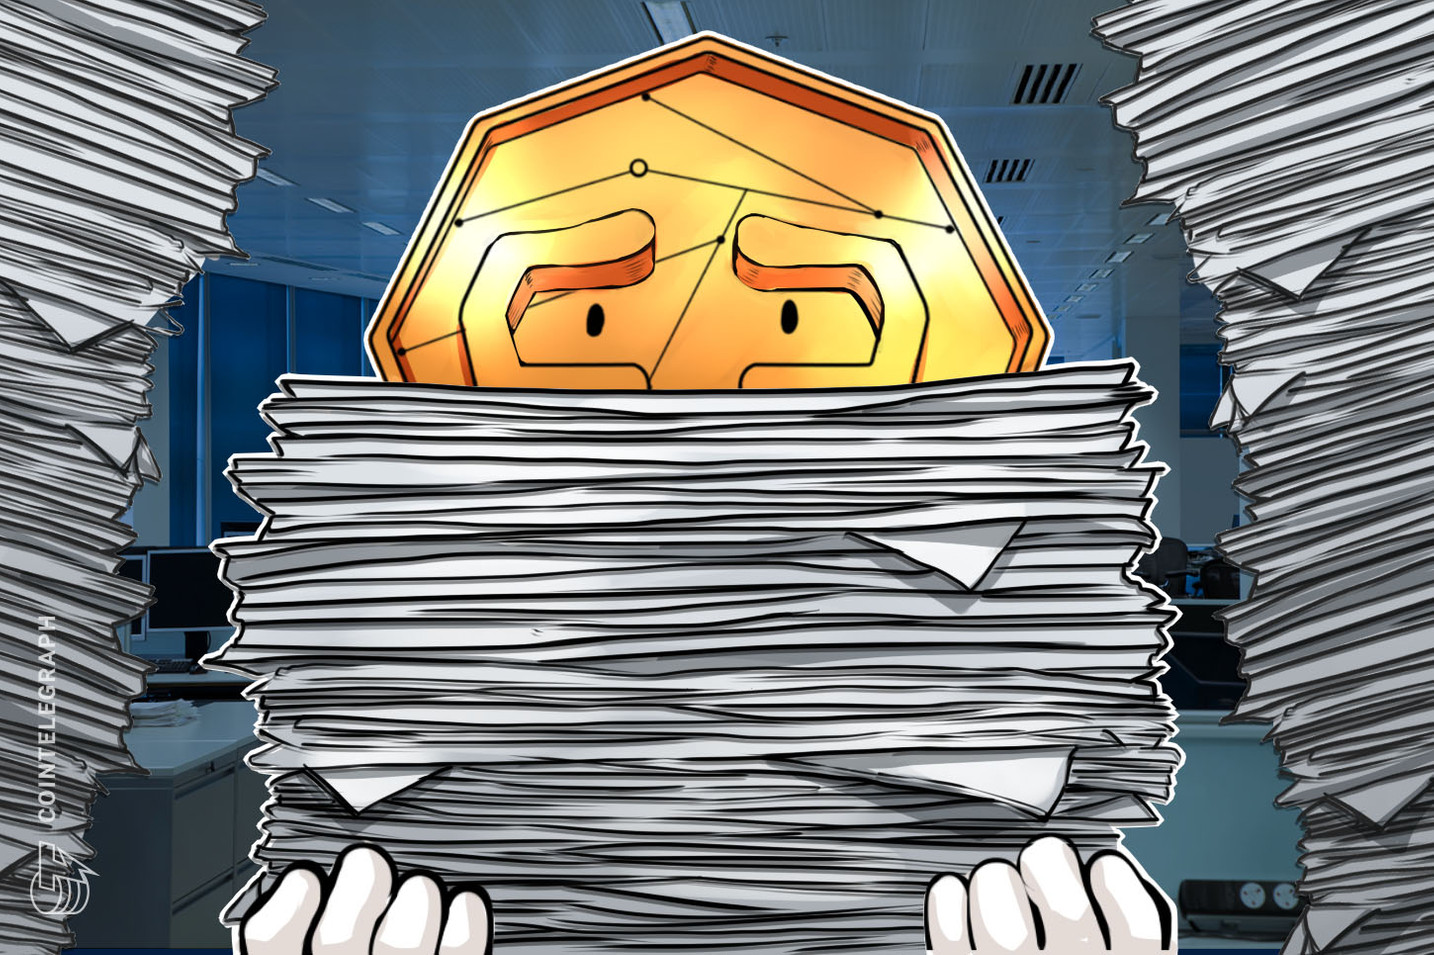 네덜란드 중앙은행 : 암호화폐 사업자들 2020년 1월까지 등록 마쳐야